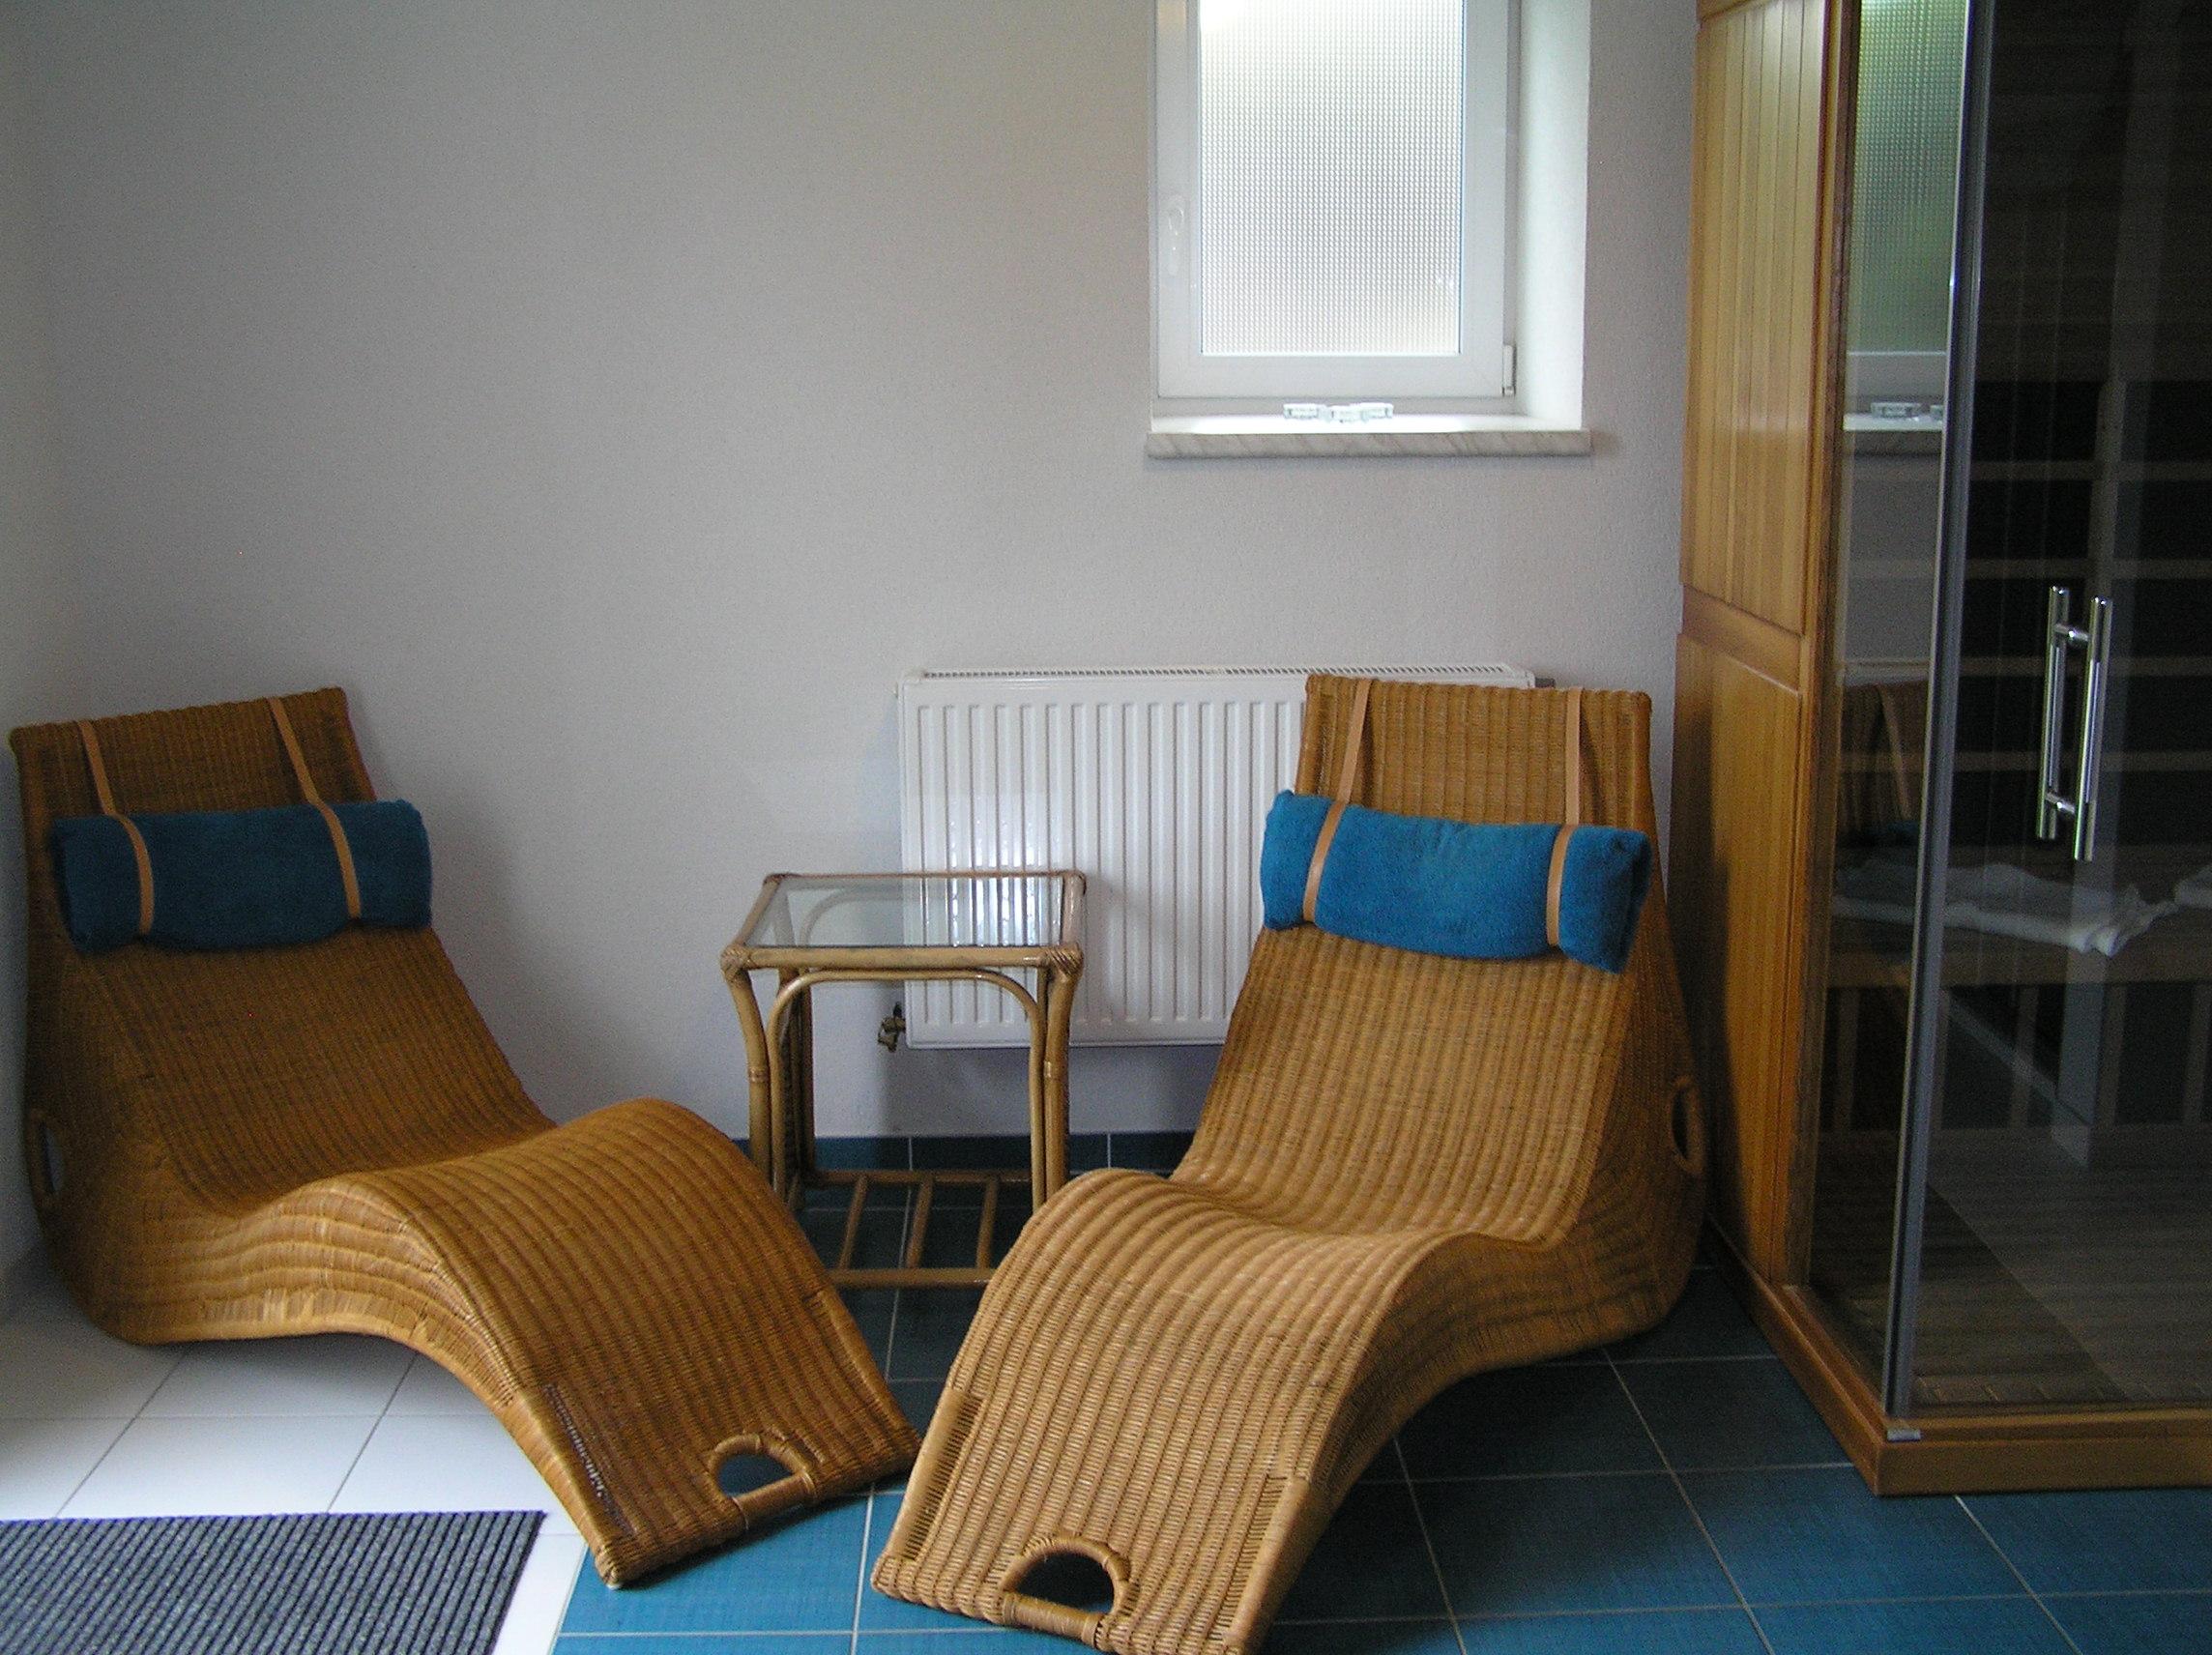 Ubytování Jižní Morava - aparmán 1 / Unterkunft Südmähren - Apartment 1